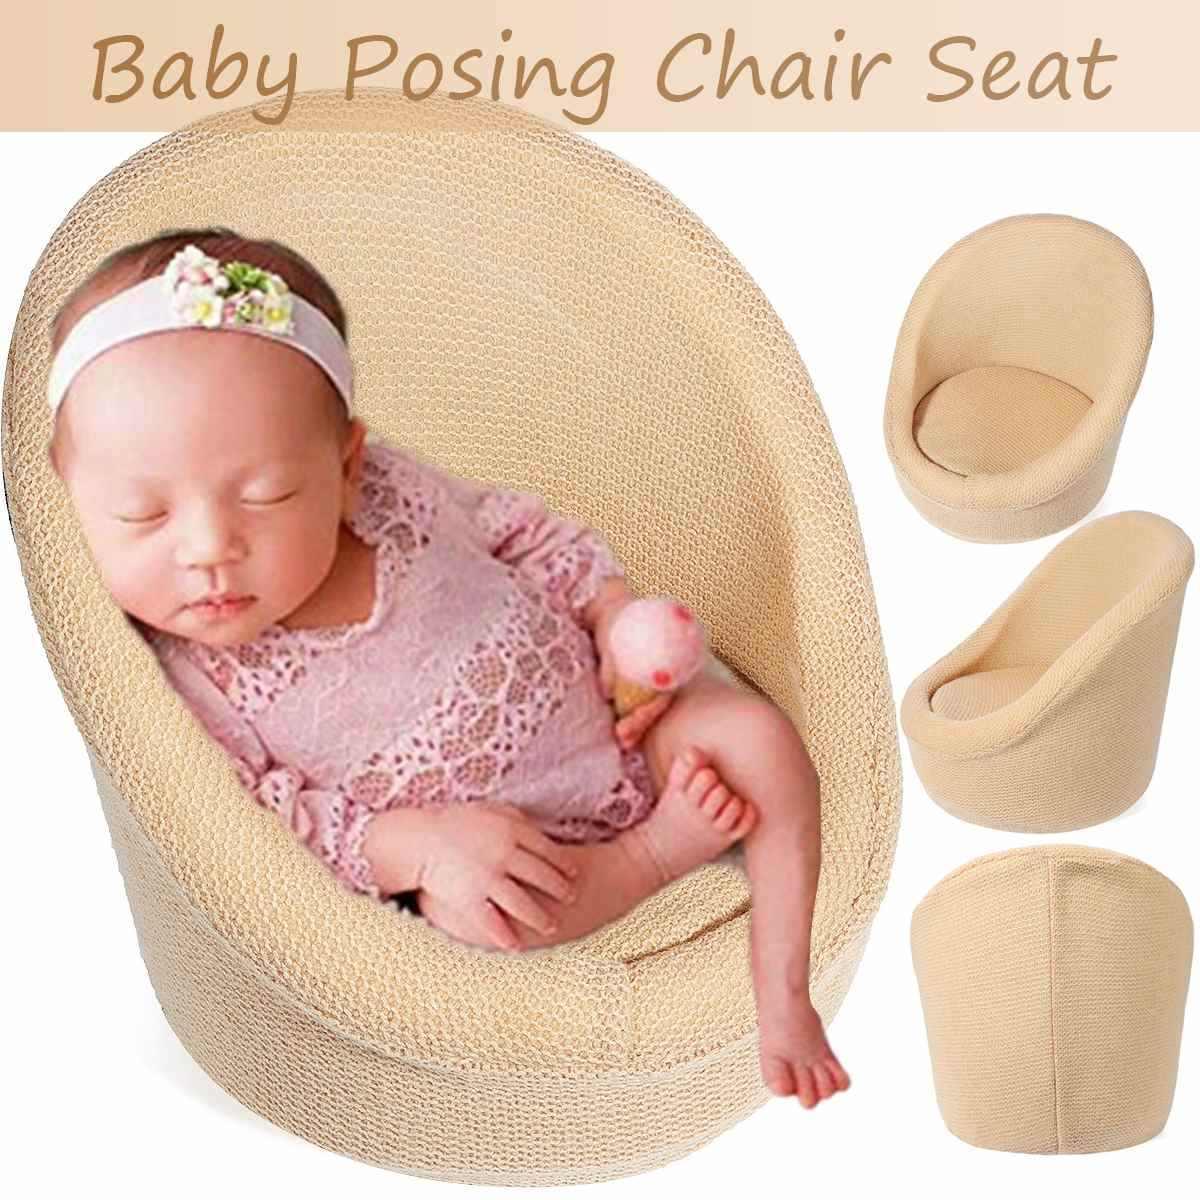 Noworodka fotografia rekwizyty dziecko pozowanie Sofa noworodka kosz rekwizyty dziecko fotografia Studio niemowlę Photoshoot meble